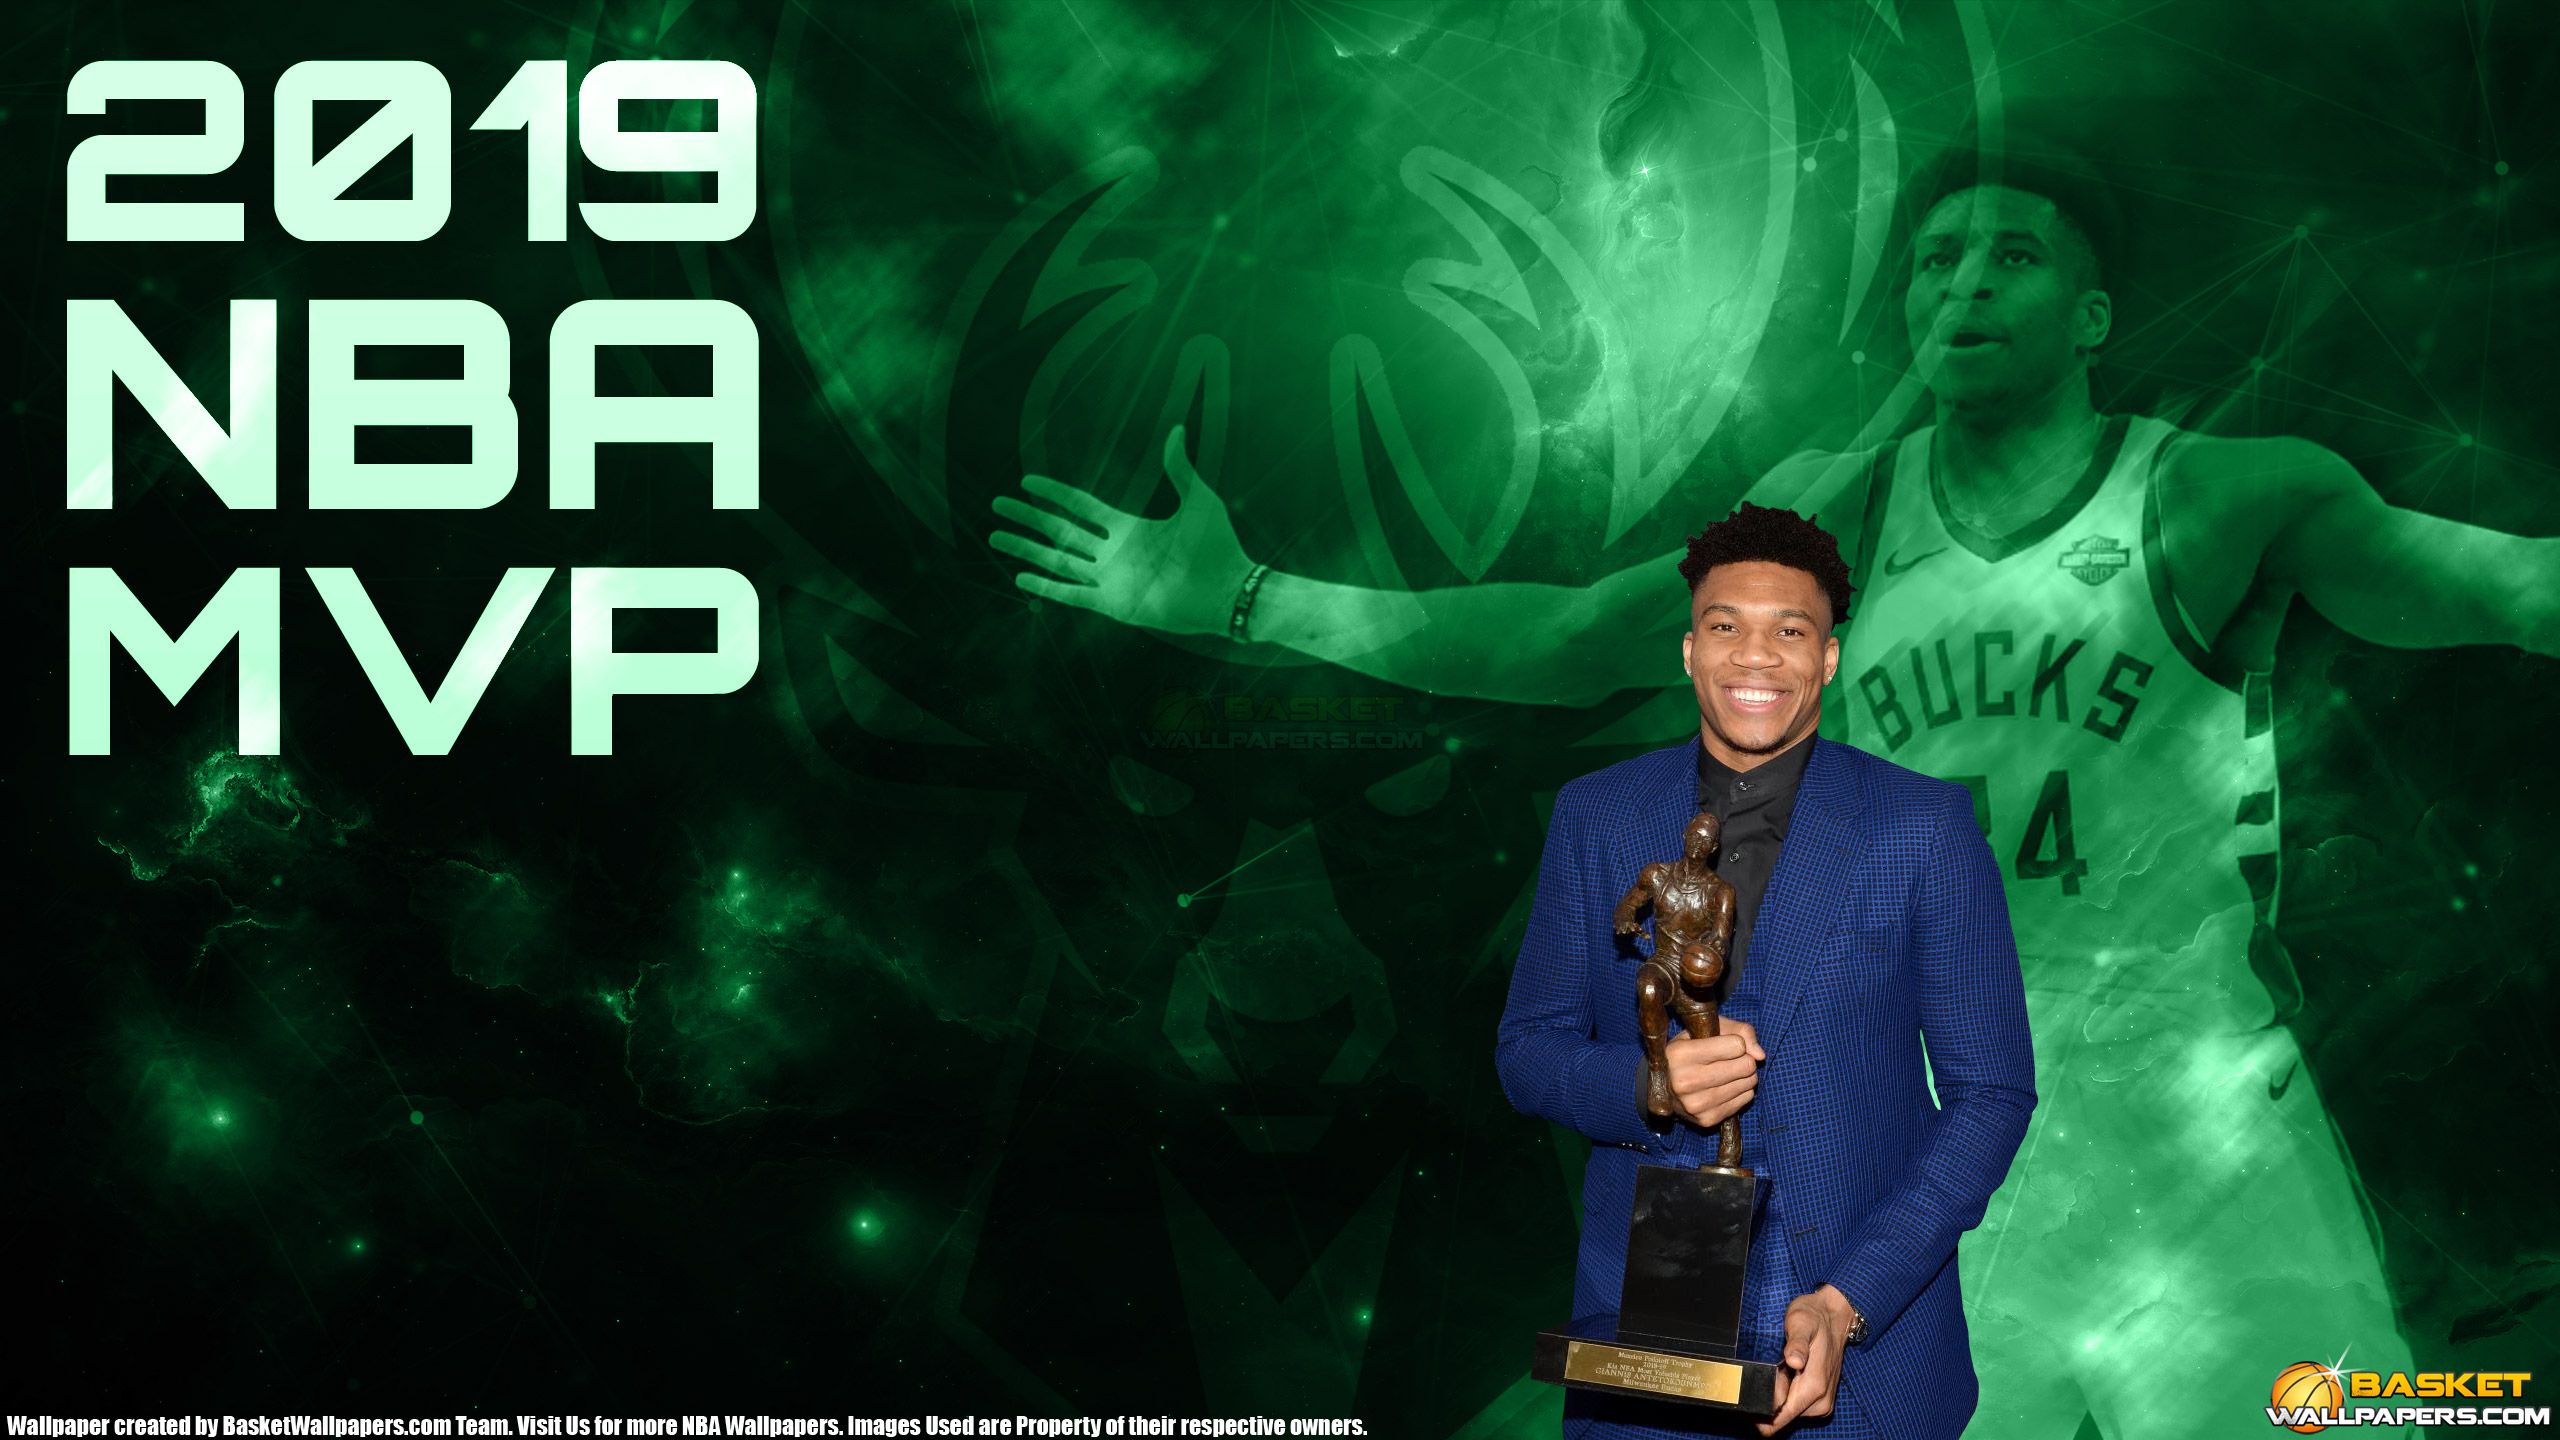 Giannis Antetokounmpo 2019 NBA MPV 2560x1440 Wallpaper